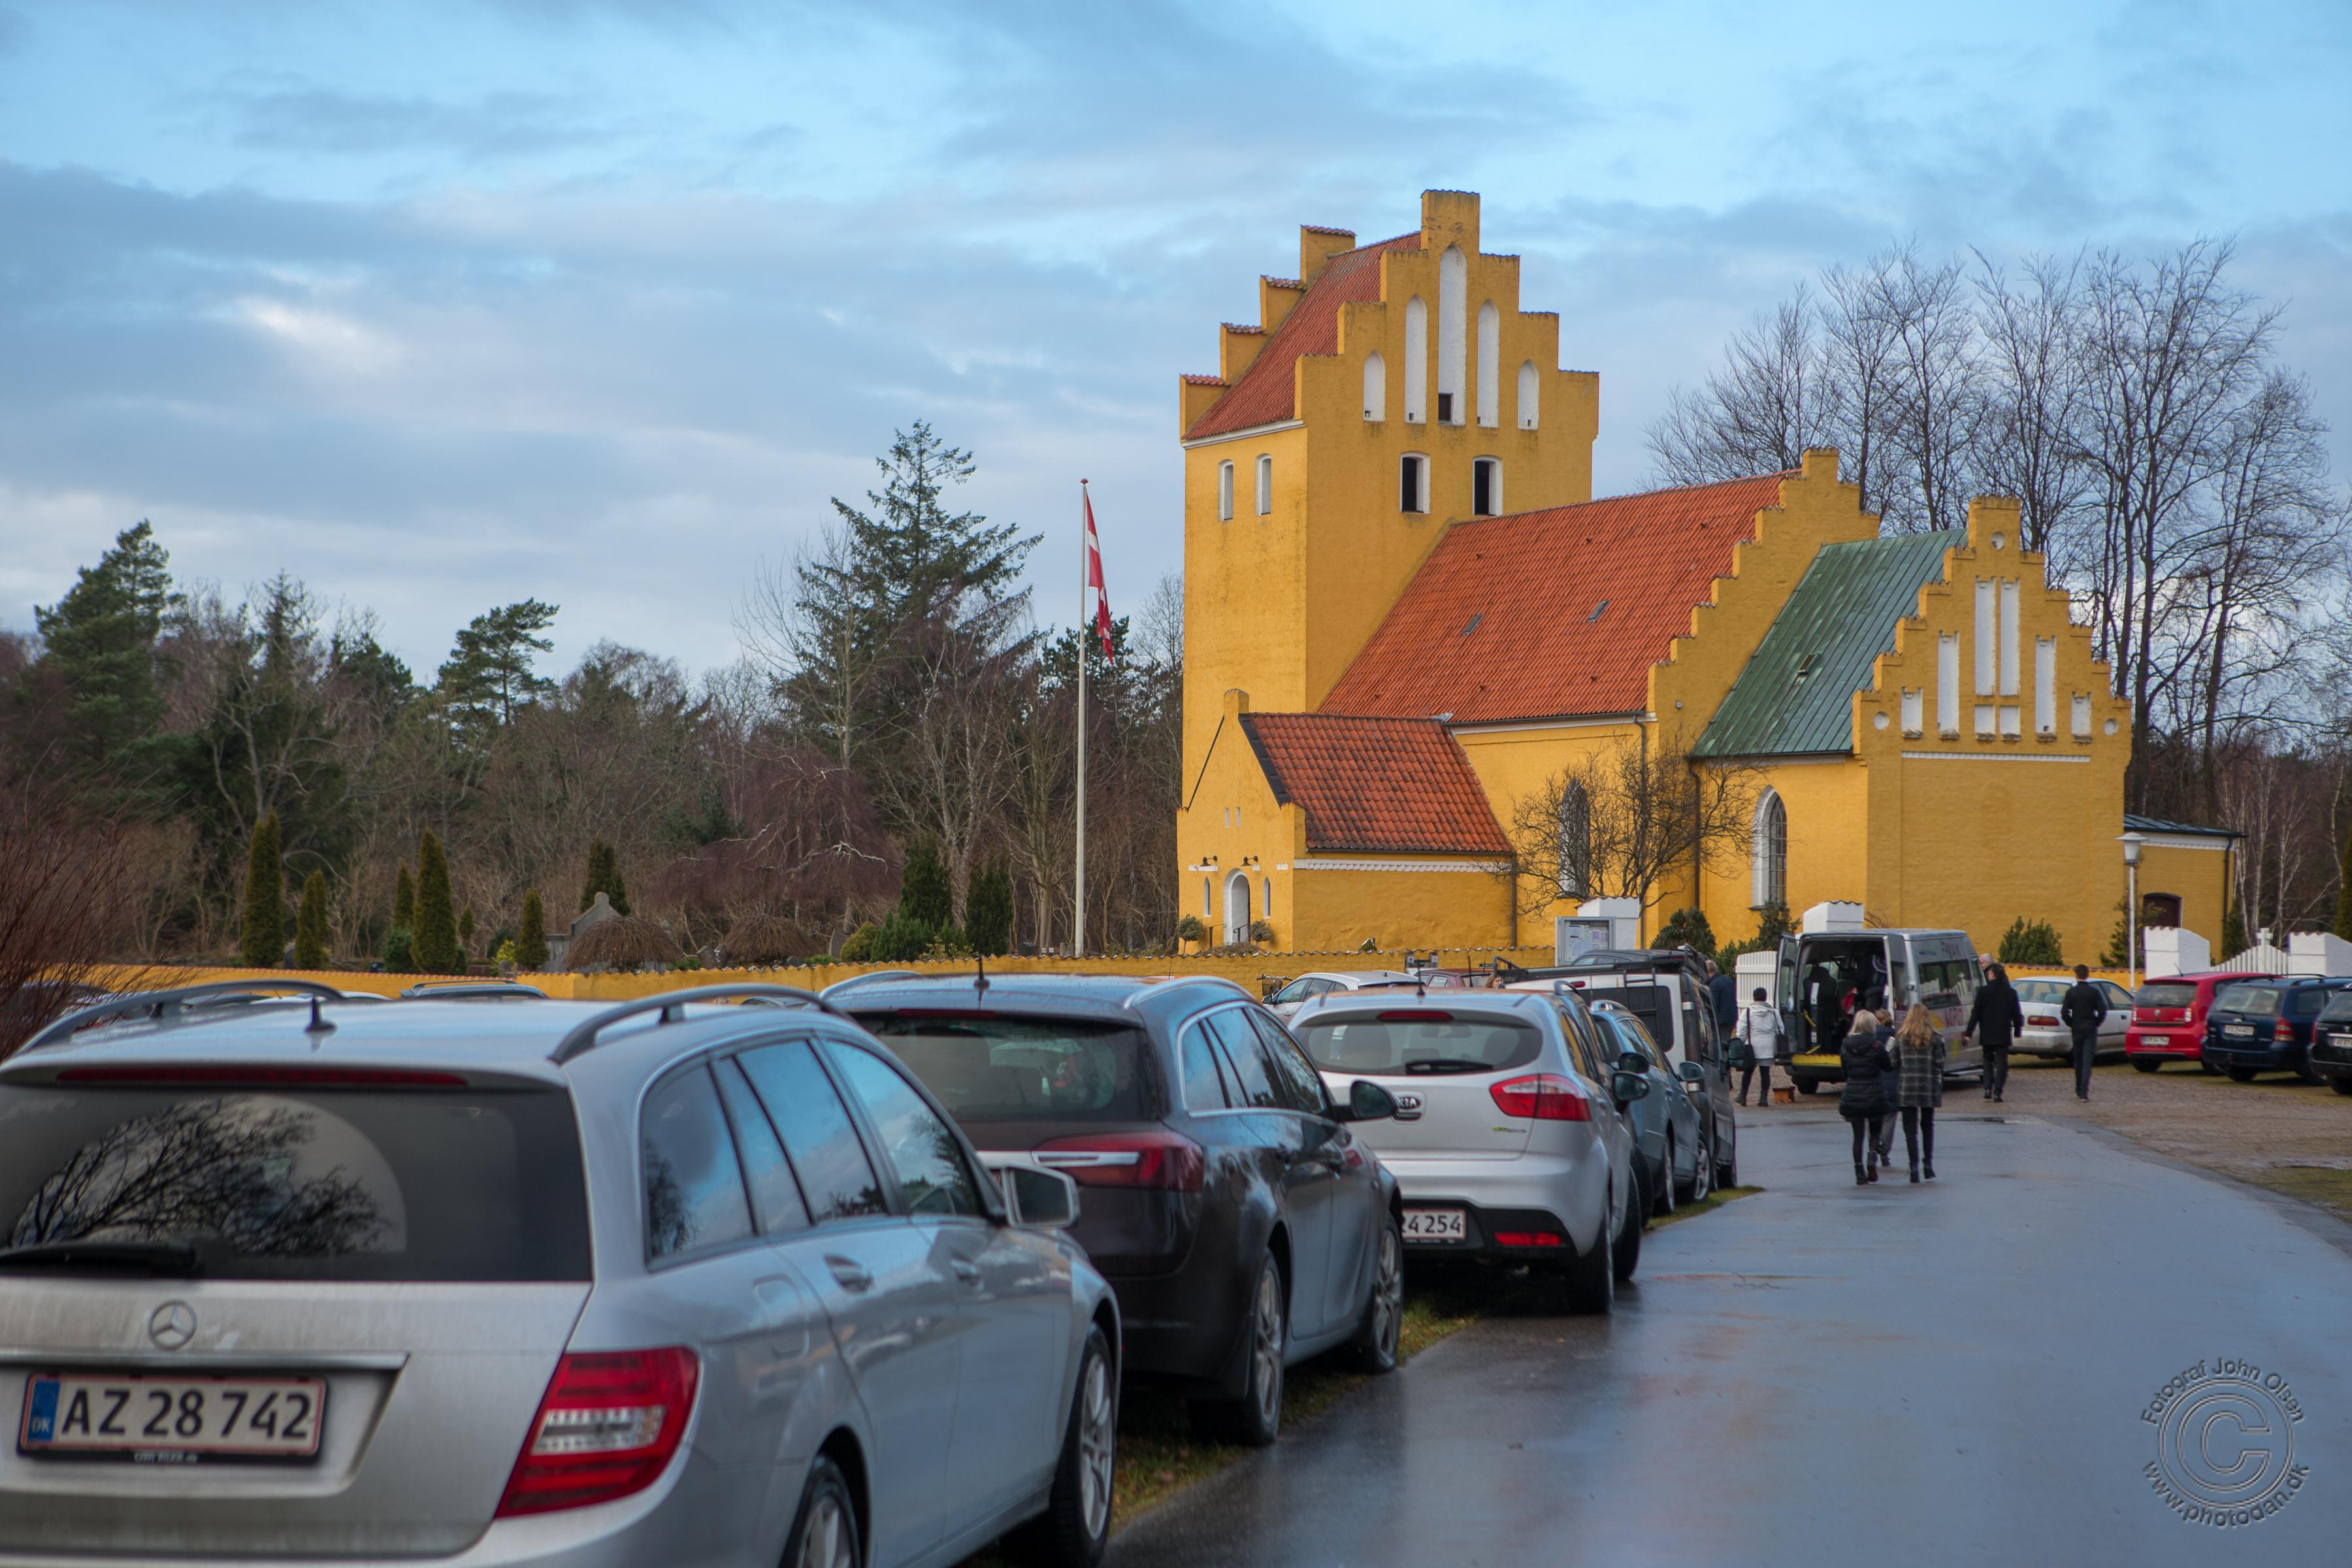 Alle pladser var optaget - både inden i Rørvig Kirke og på parkeringspladserne. Foto: John Olsen/photodan.dk